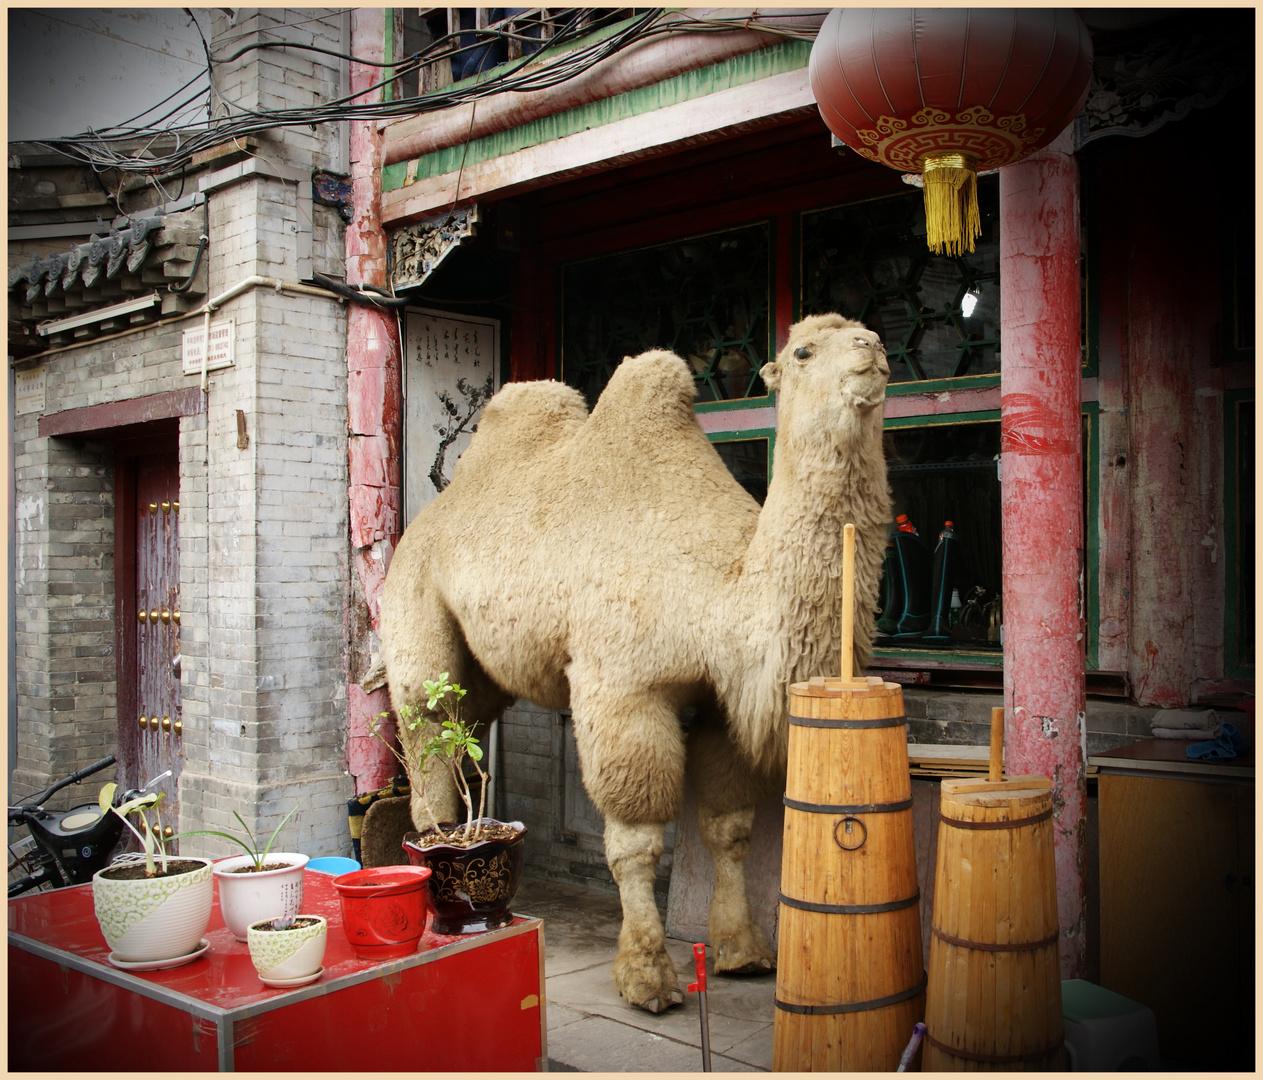 Kamel Für Haus Oder Garten Zu Verkaufen Foto & Bild